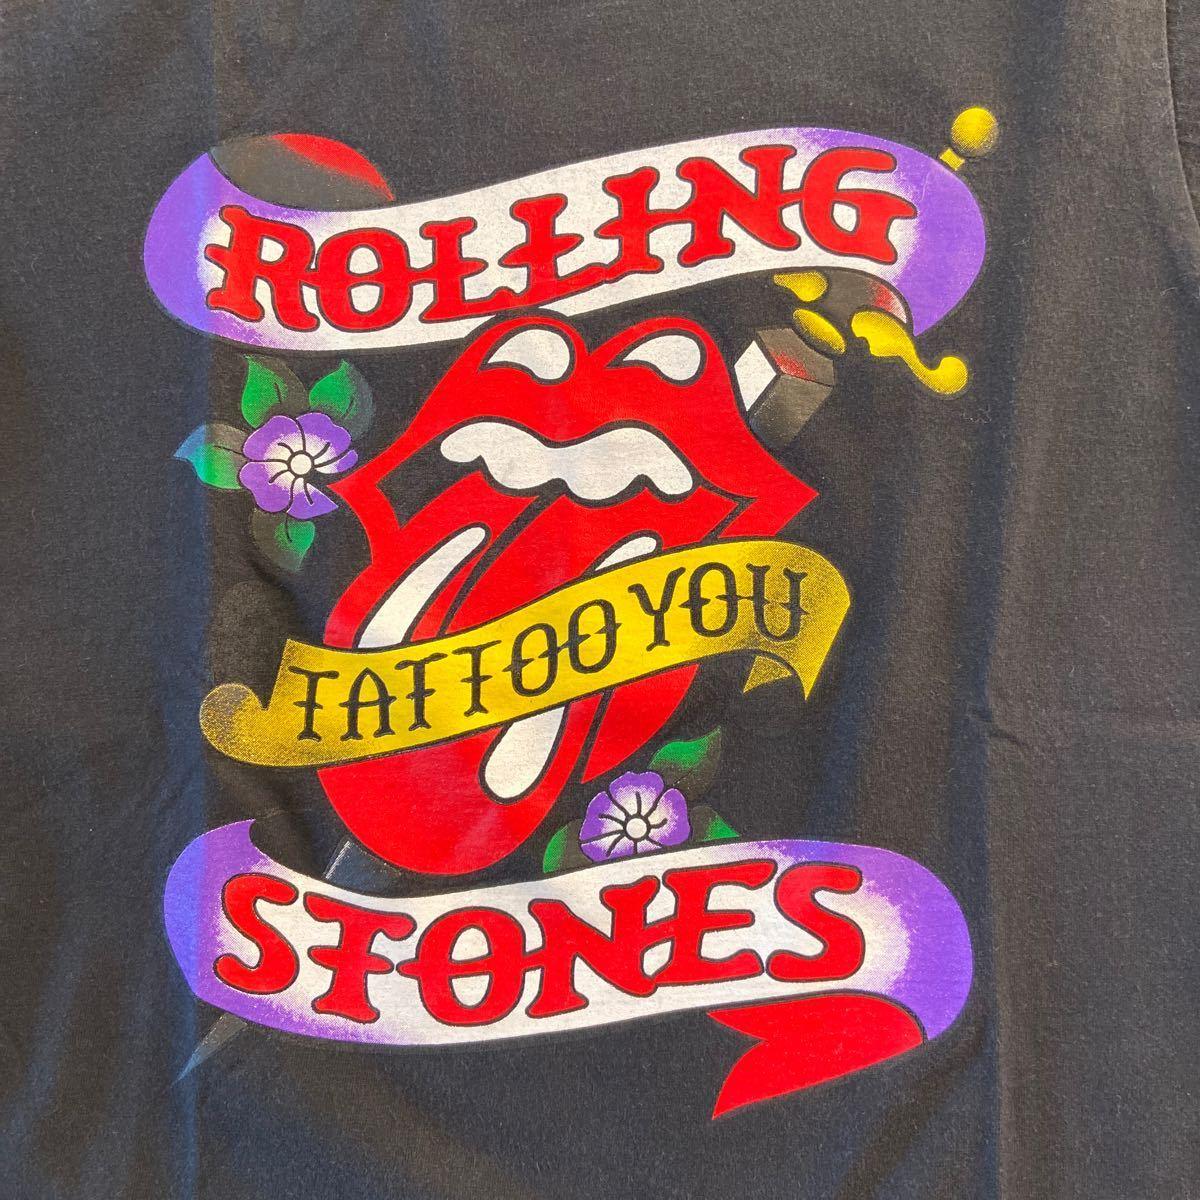 ローリングストーンズ TATTOO YOU ロックTシャツプリントTシャツ 半袖Tシャツ バンドTシャツ